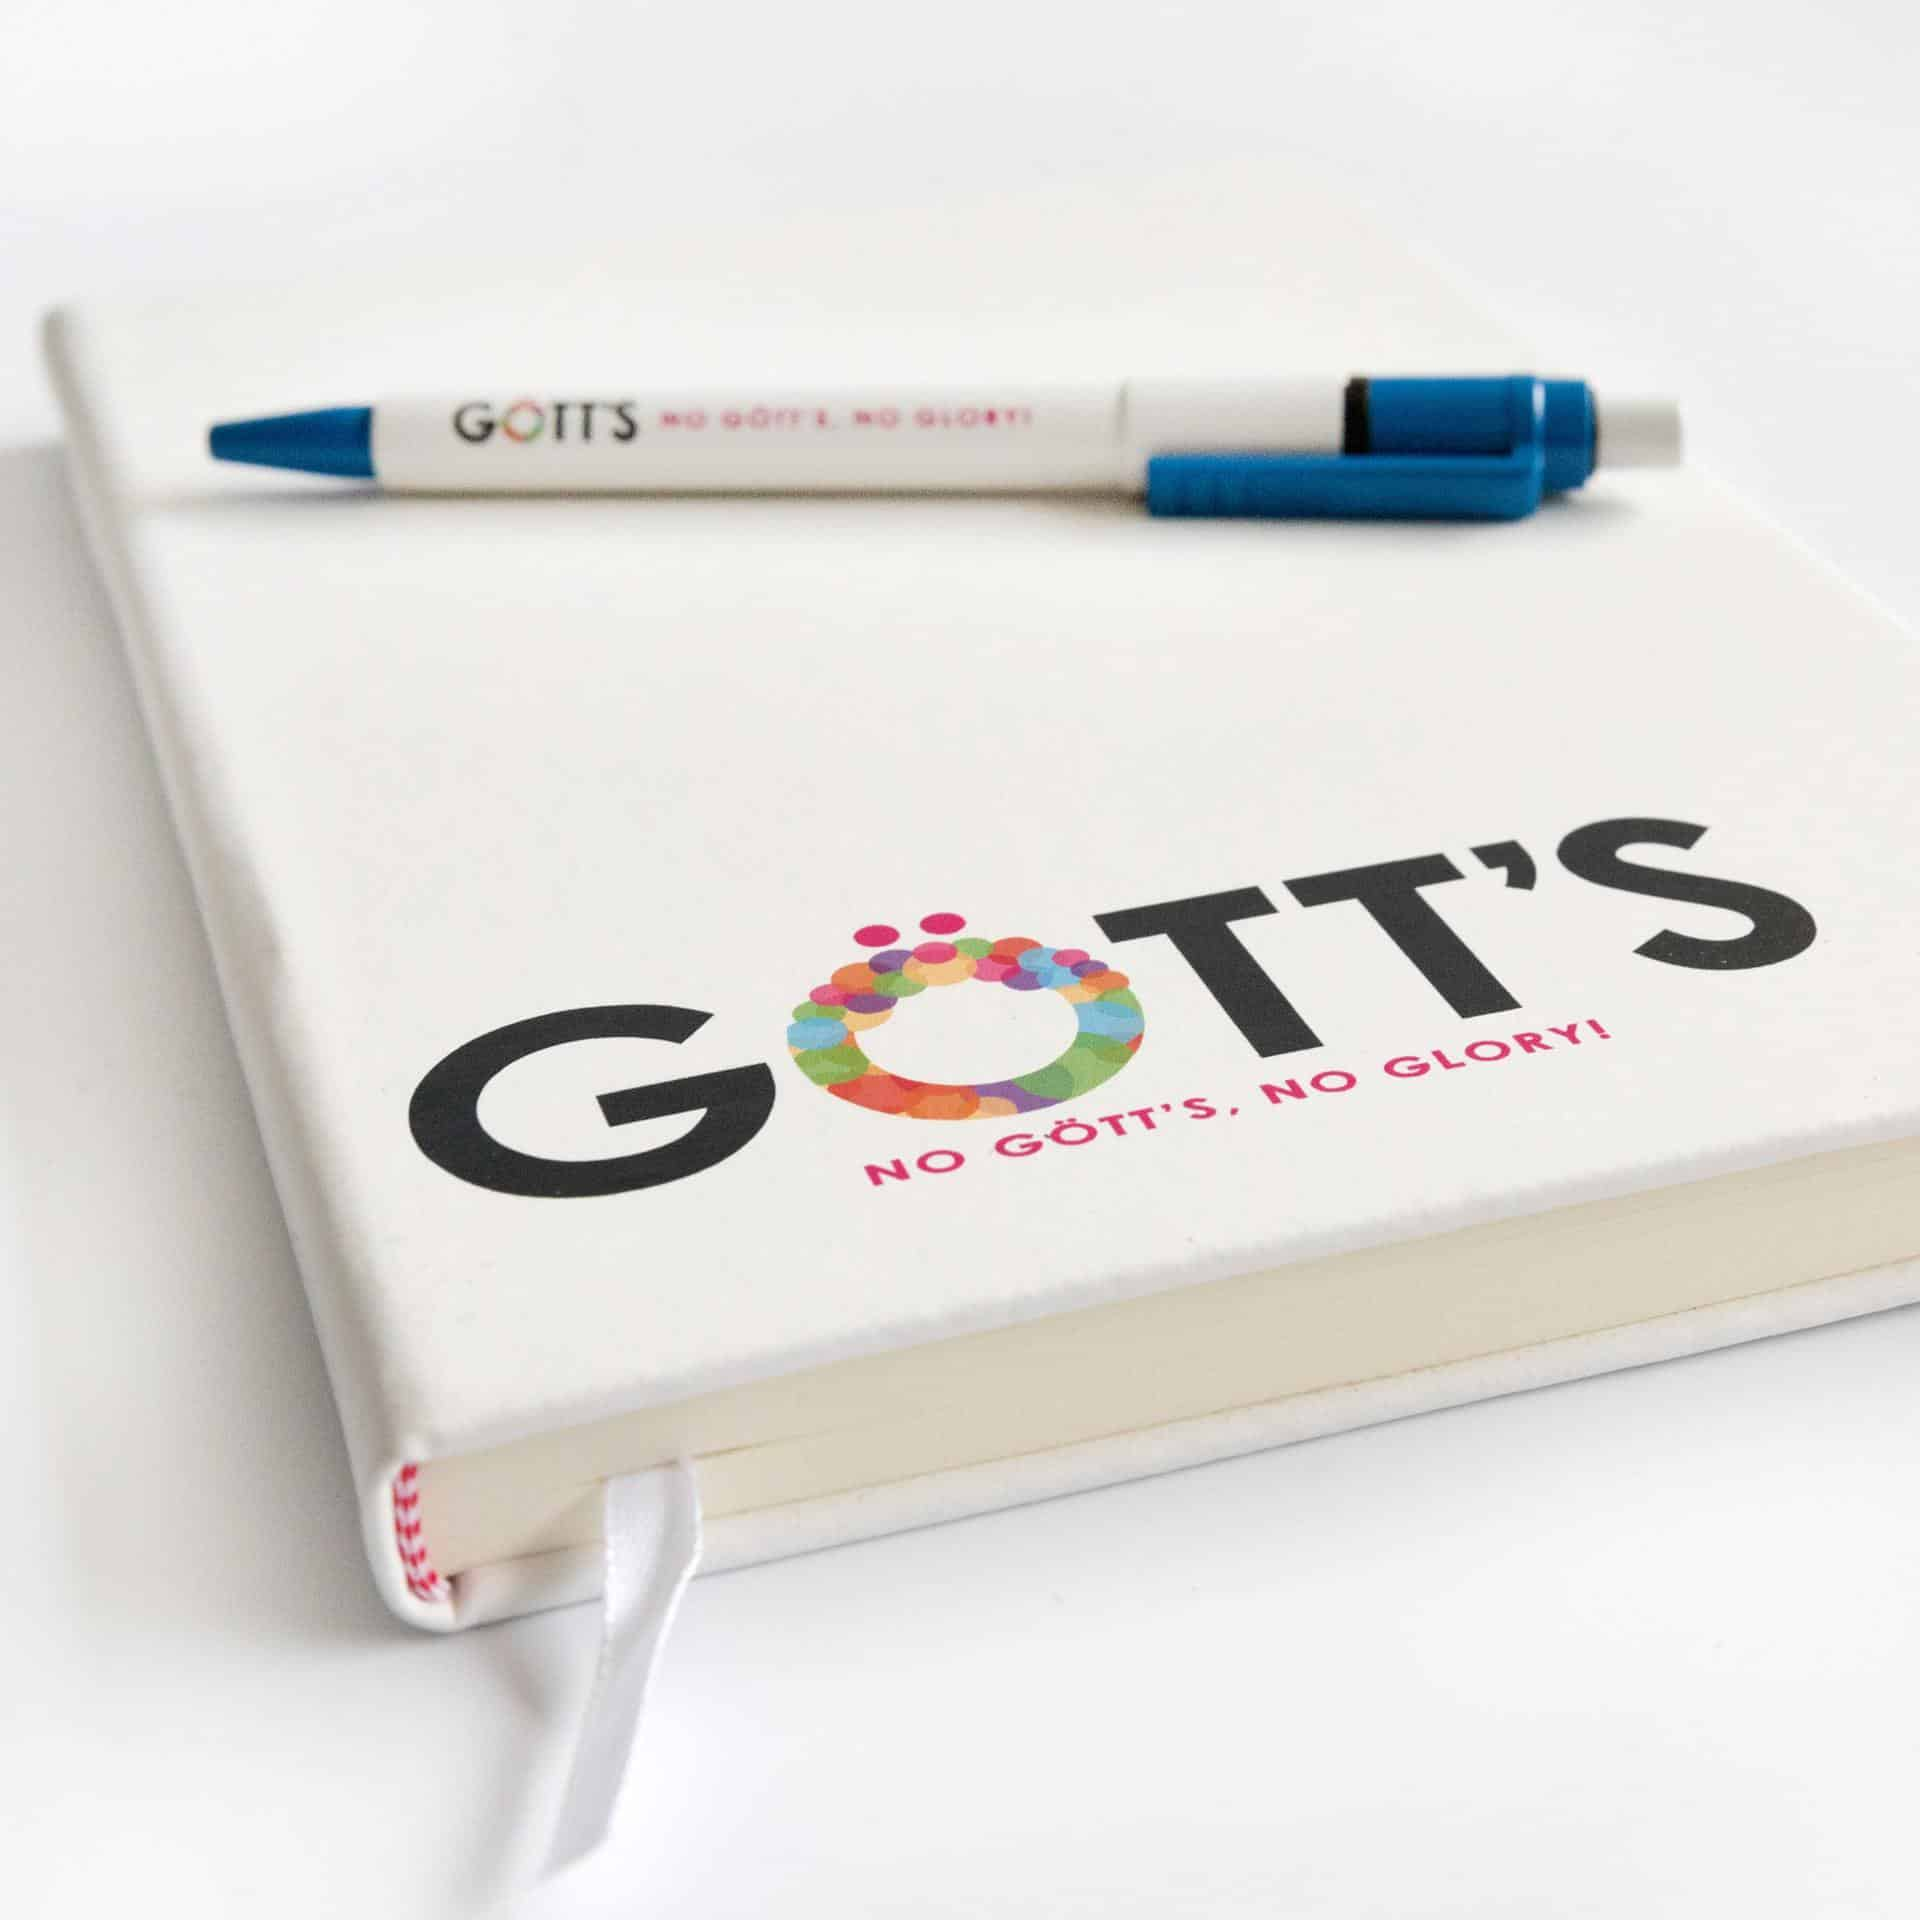 Contact-met-GÖTT'S